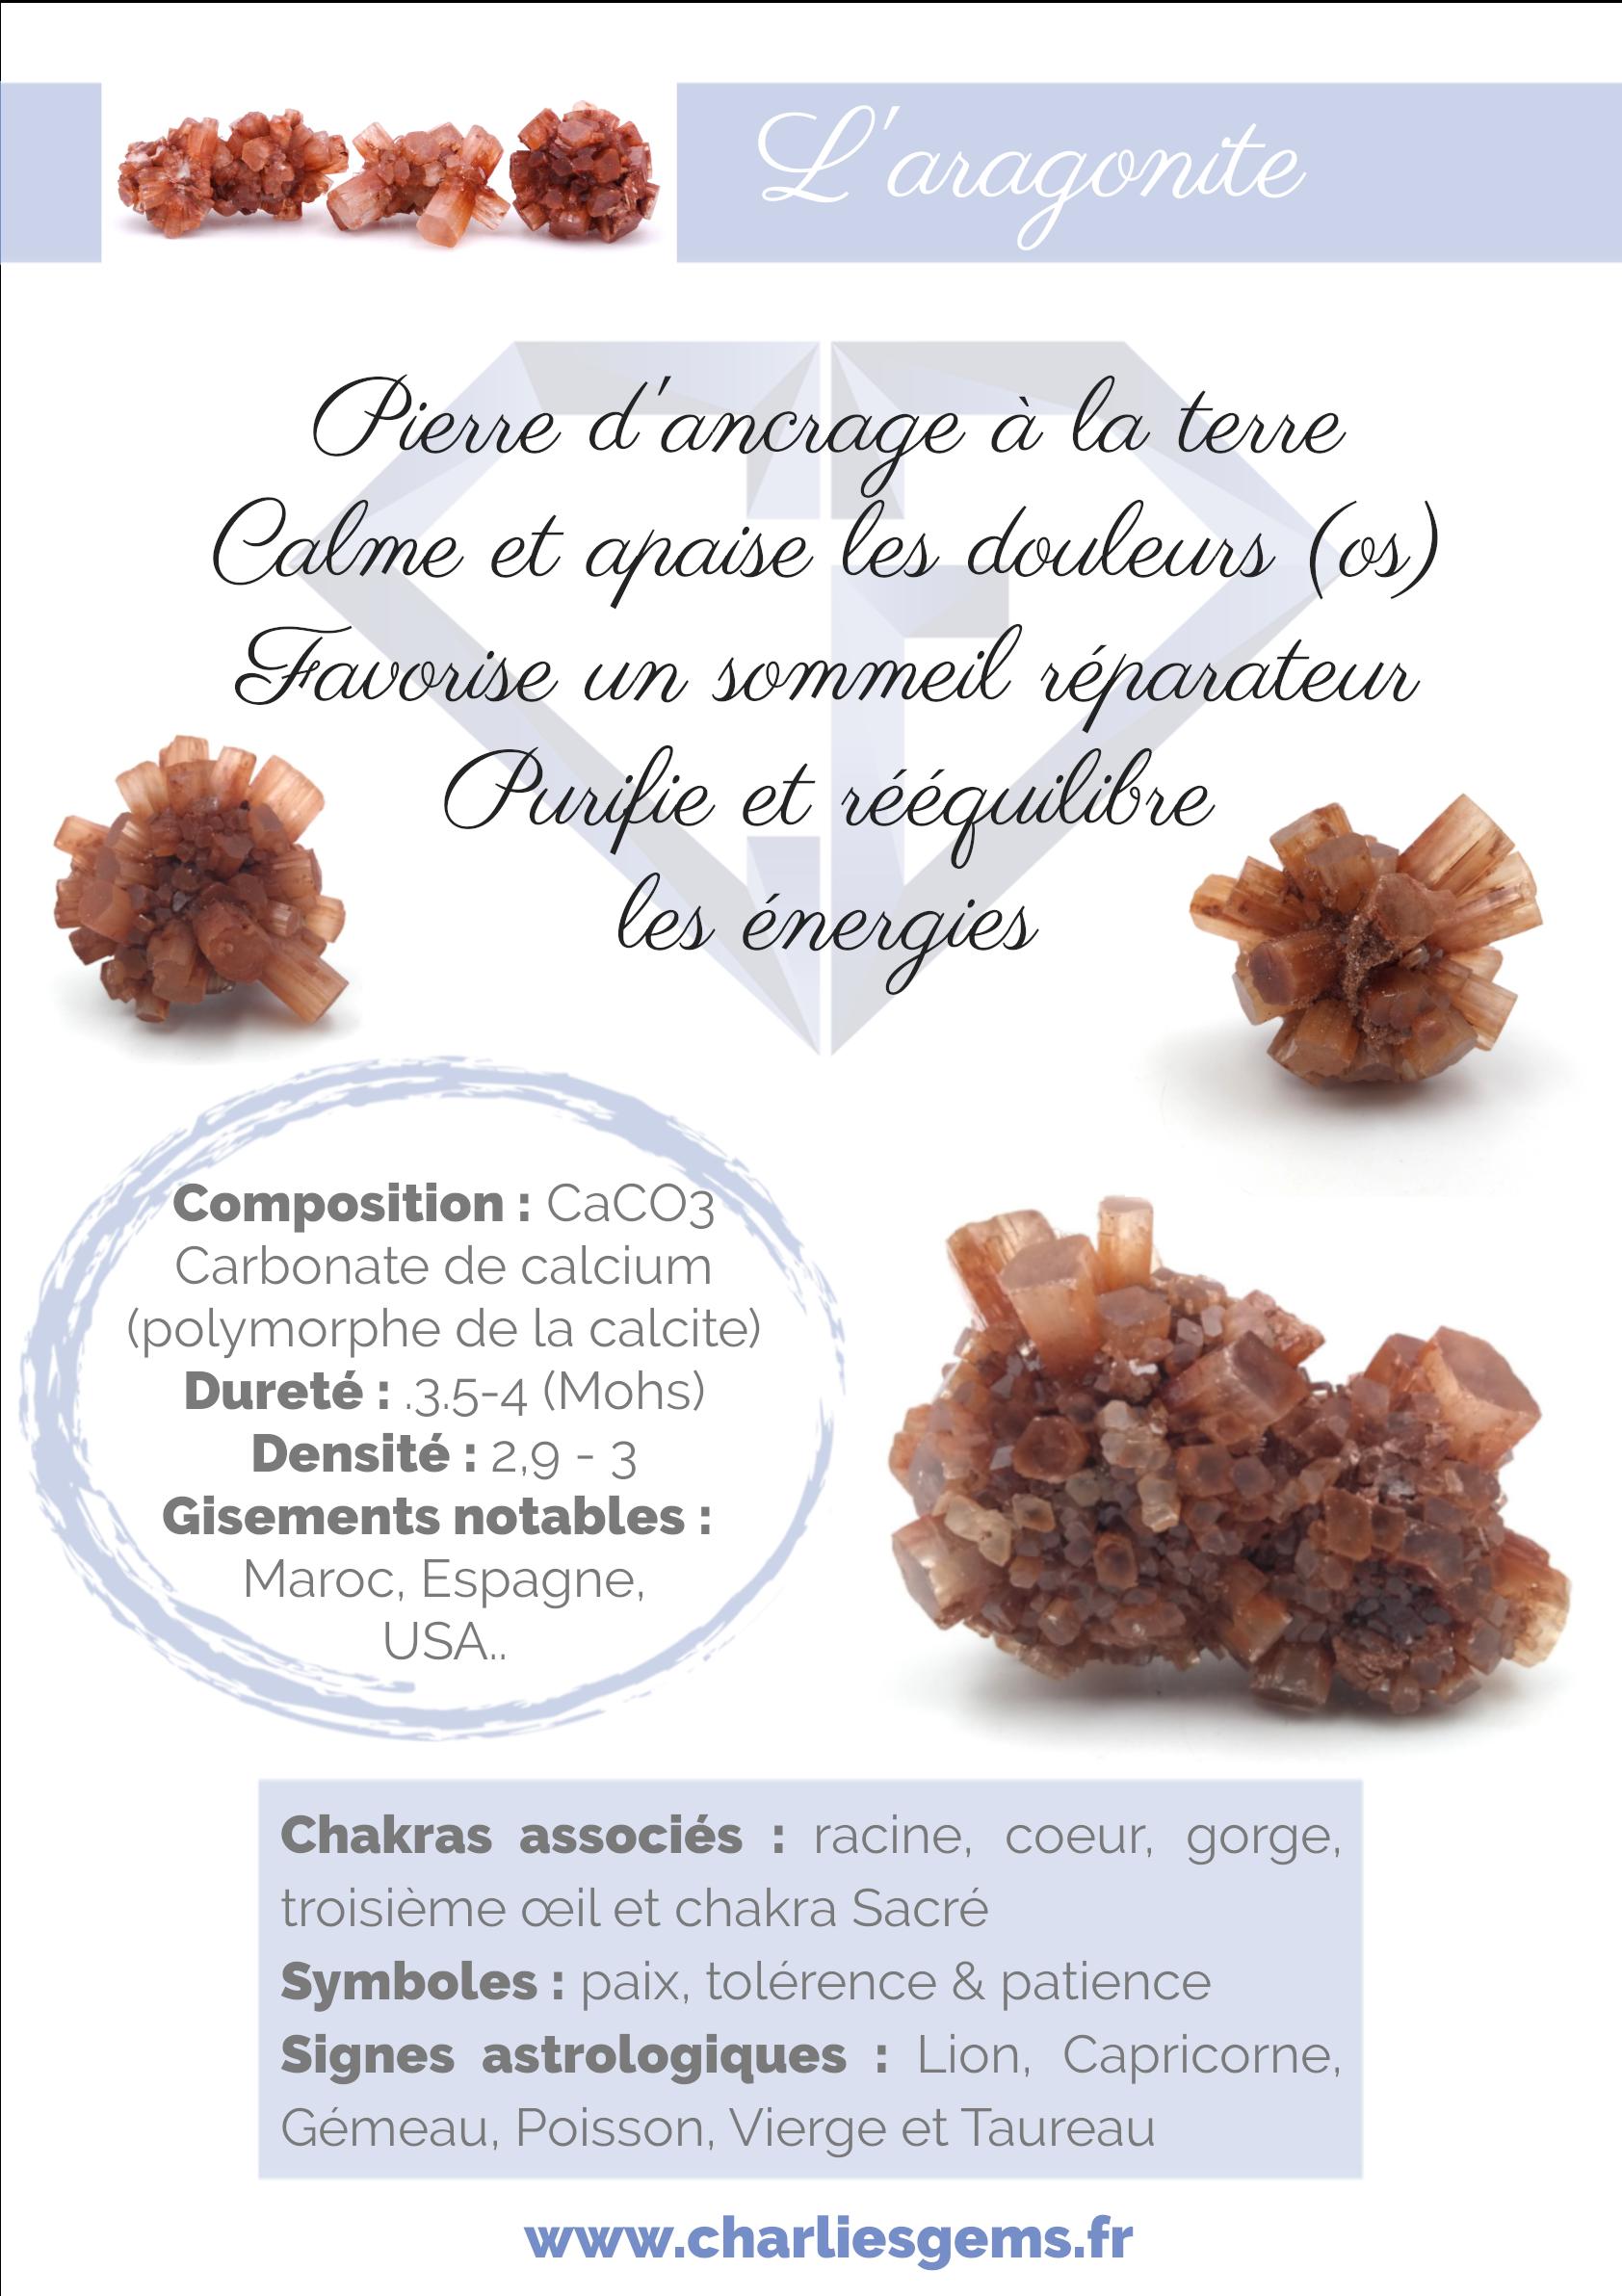 Fiche de présentation de l'Aragonite (description, lithothérapie, propriétés) - Par Charlie's Gems